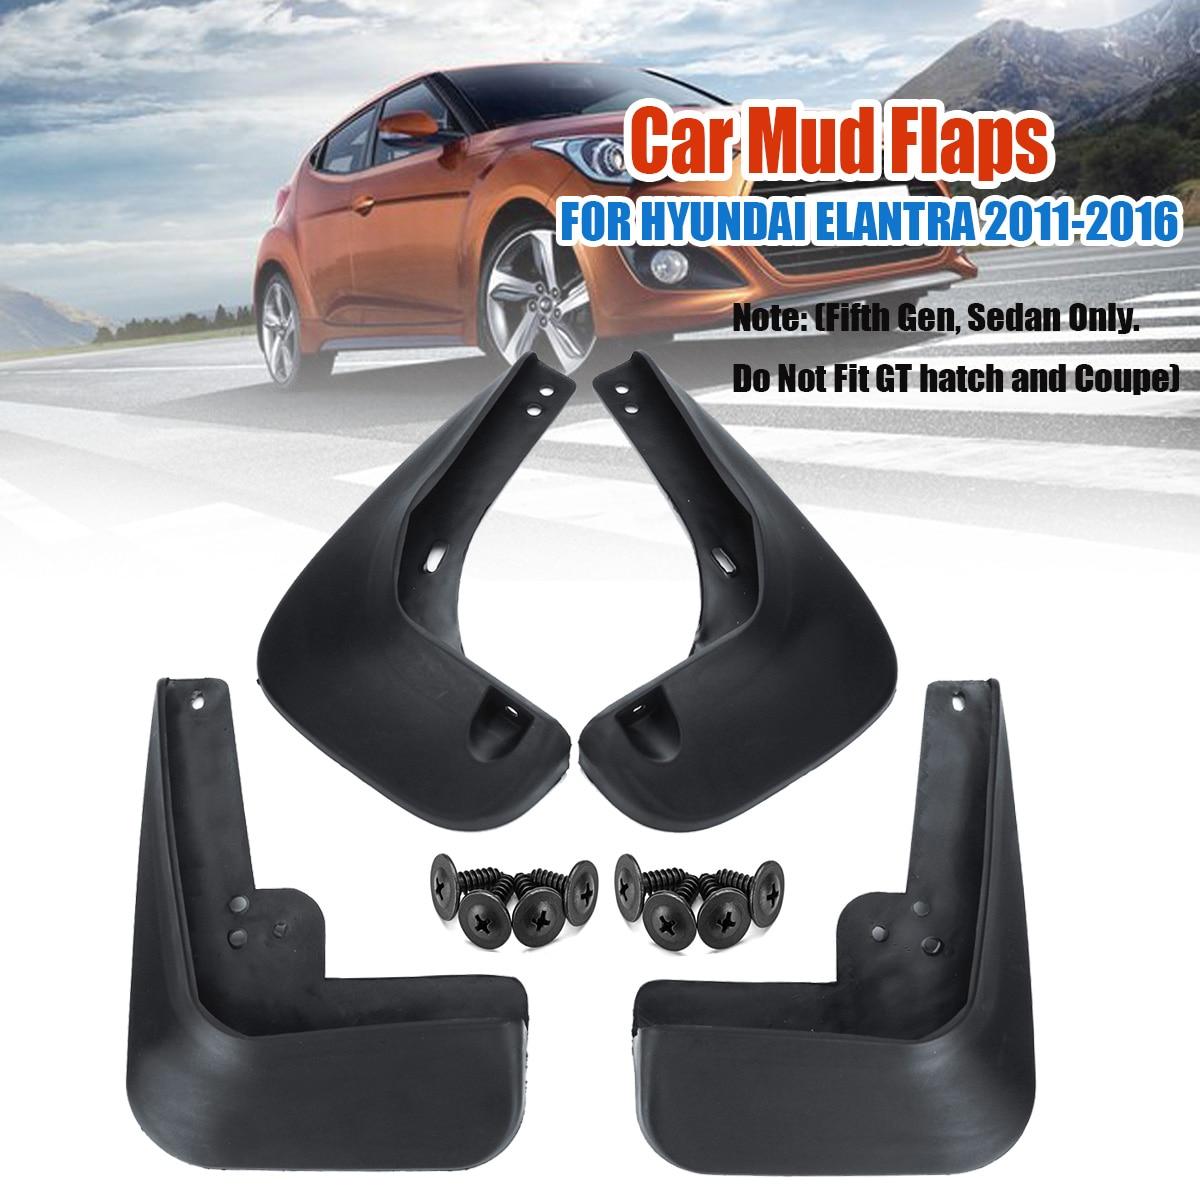 4 Uds accesorios de coche guardabarros para HYUNDAI ELANTRA 2011 2012 2013 2014 2015 2016 guardabarros protector contra salpicaduras